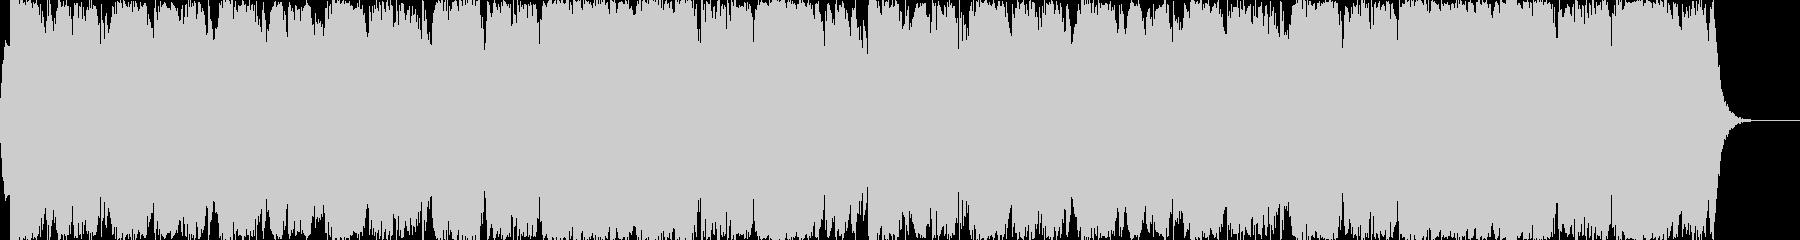 スケールの大きなファンタジーBGMの未再生の波形